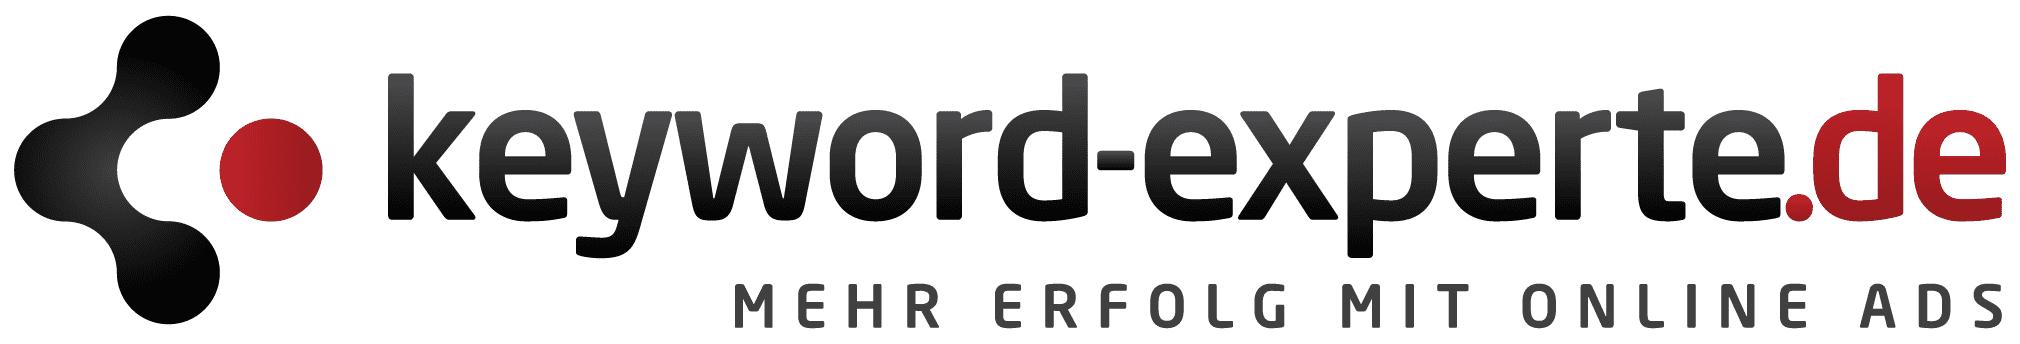 Keyword Experte GmbH